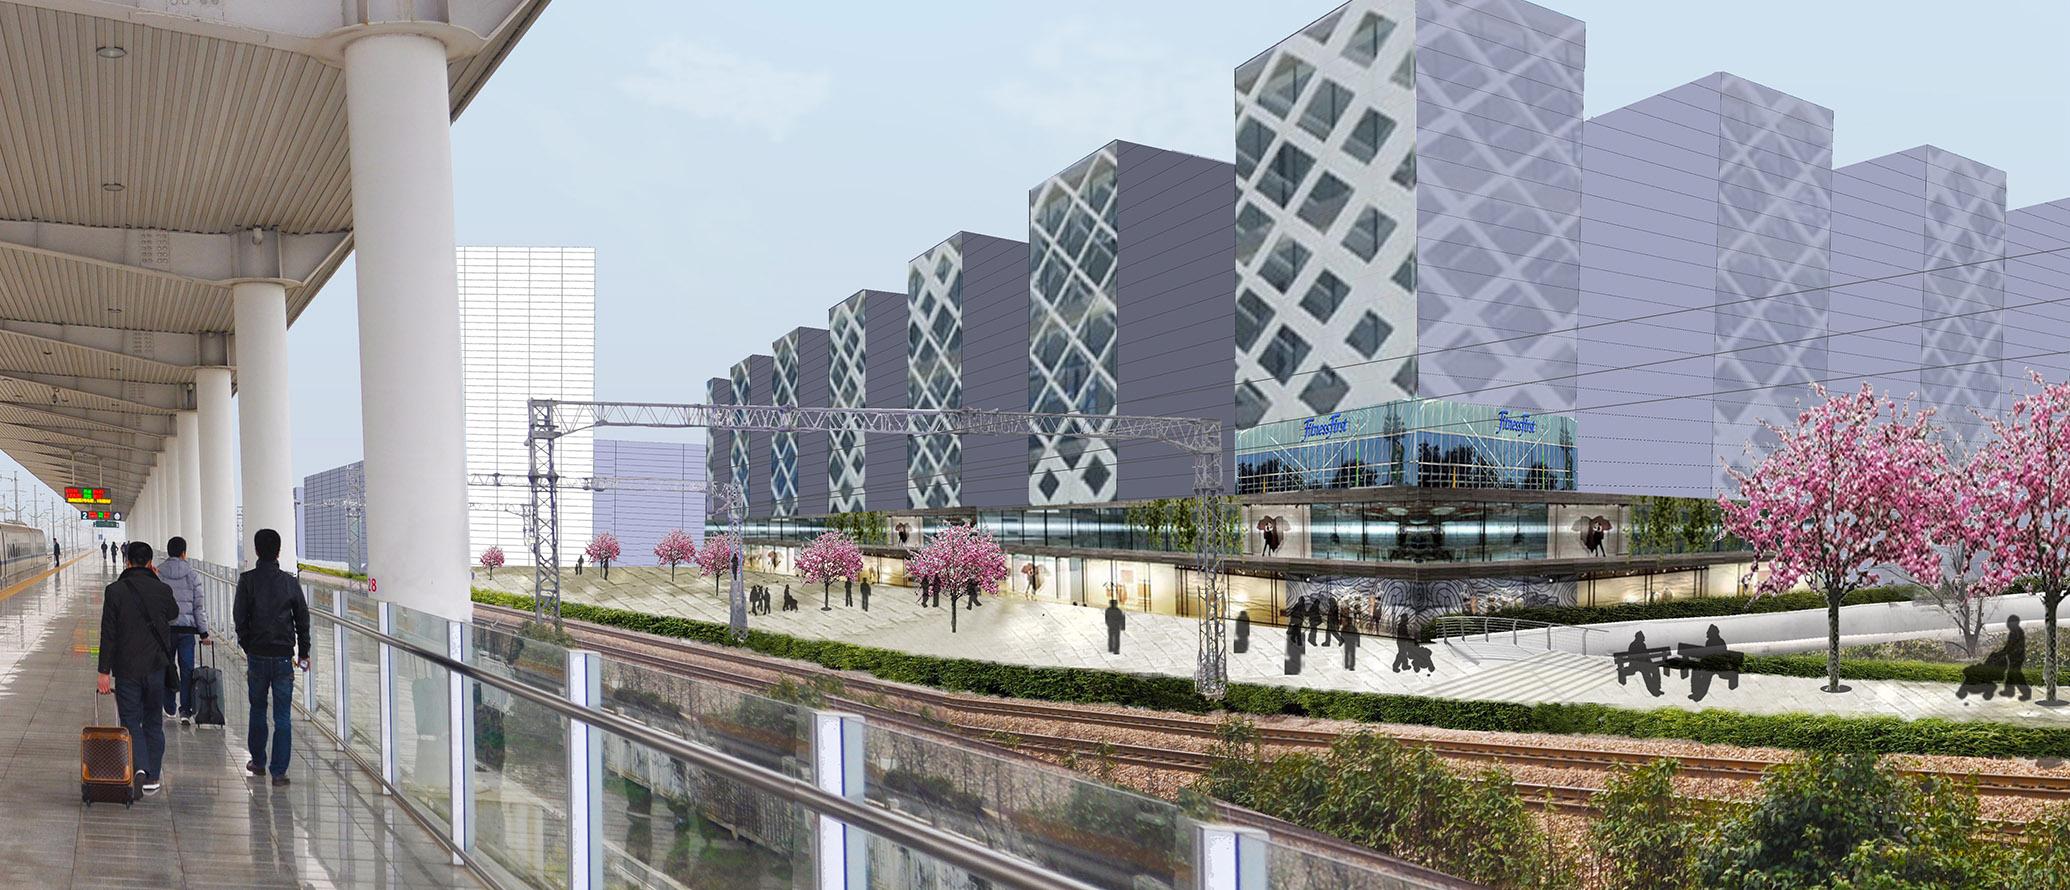 Kunshan stedenbouwkundige hogesnelheidstrein